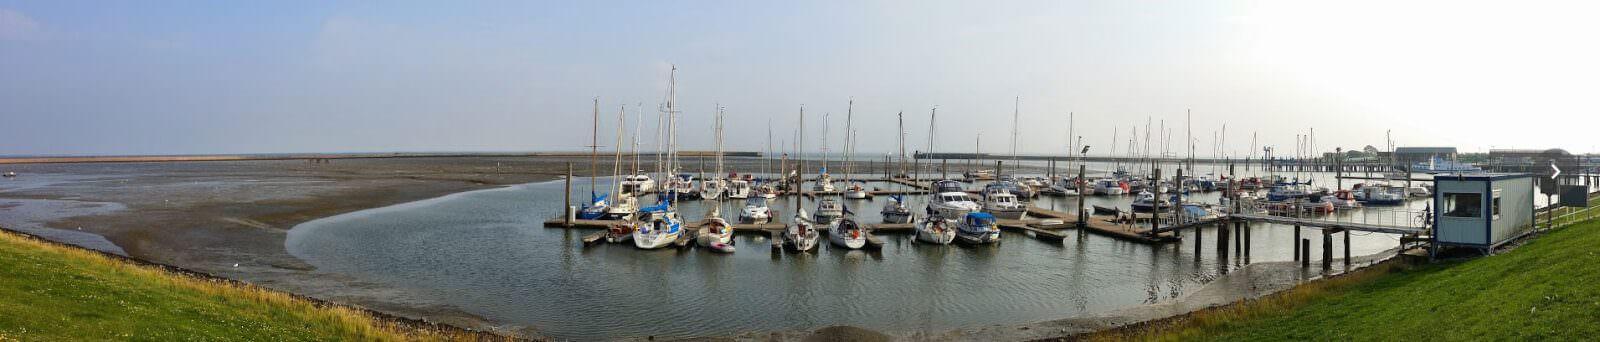 Jachthafen auf Langeoog